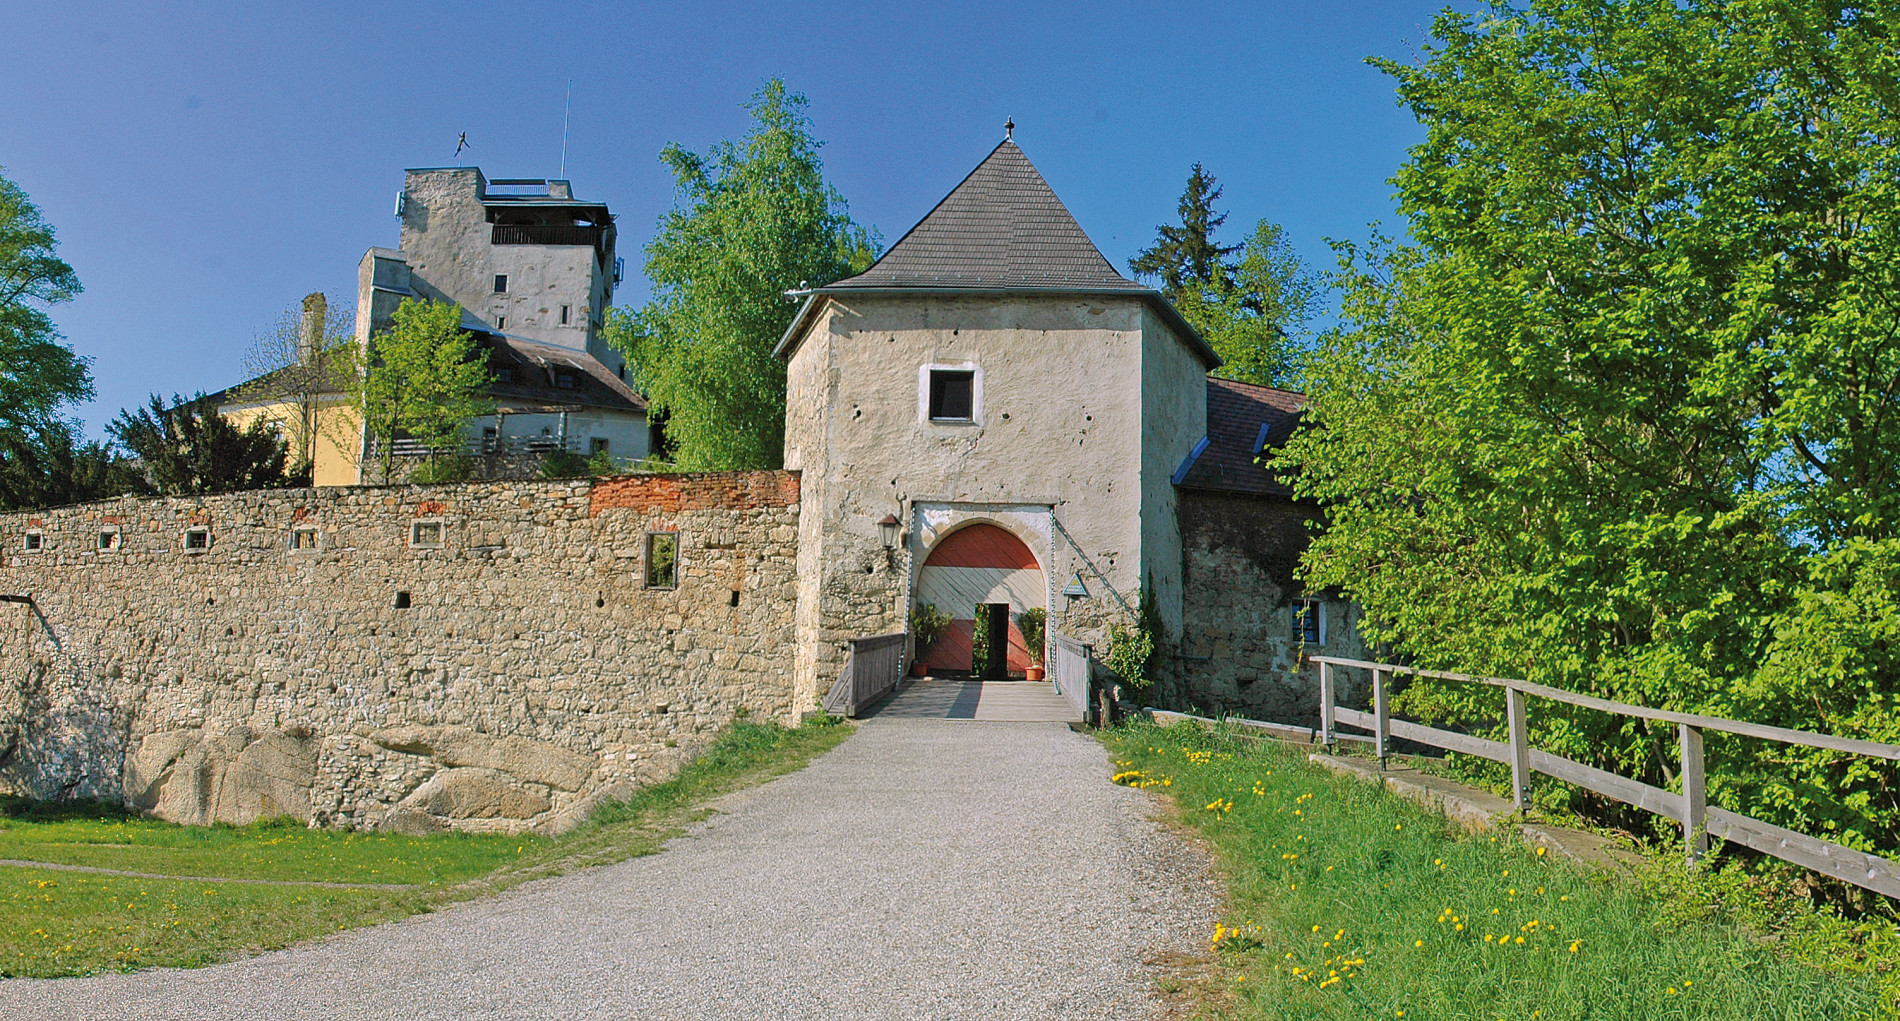 Bad Kreuzen Burg Eingang